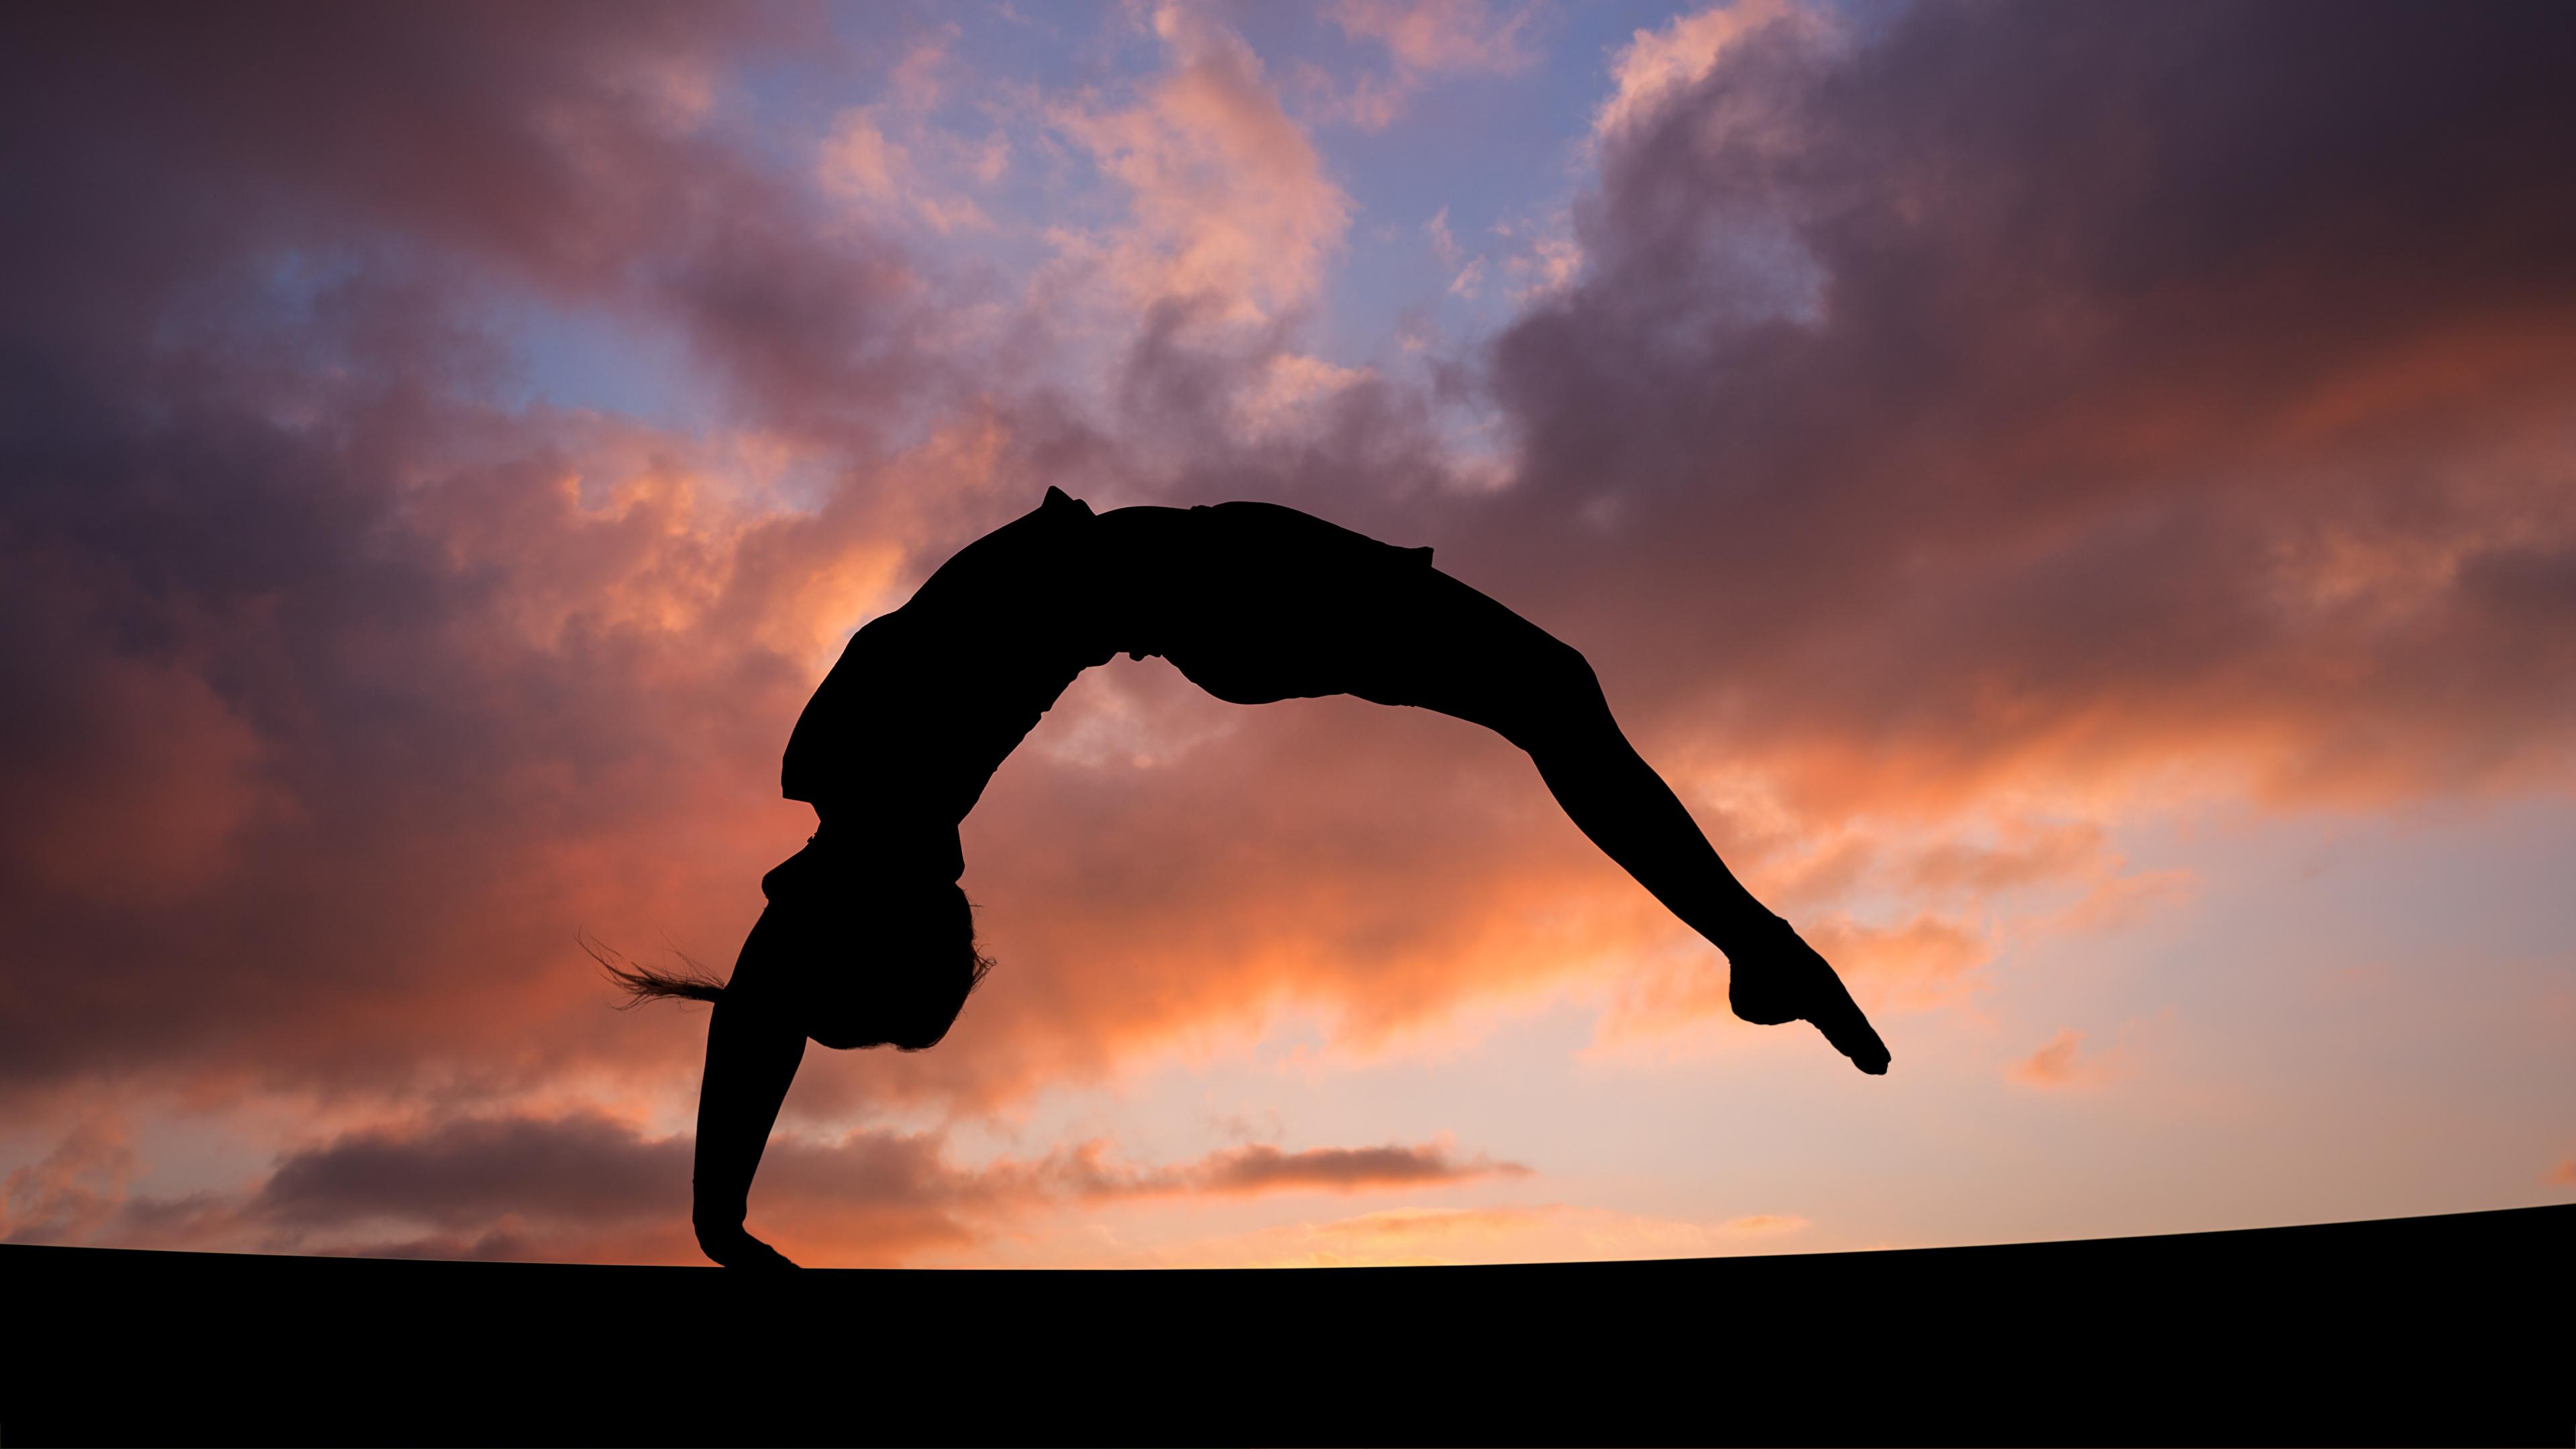 Фото физическое упражнение силуэты девушка спортивные Гимнастика Вечер 3840x2160 Тренировка тренируется Силуэт силуэта Спорт Девушки спортивный спортивная молодые женщины молодая женщина